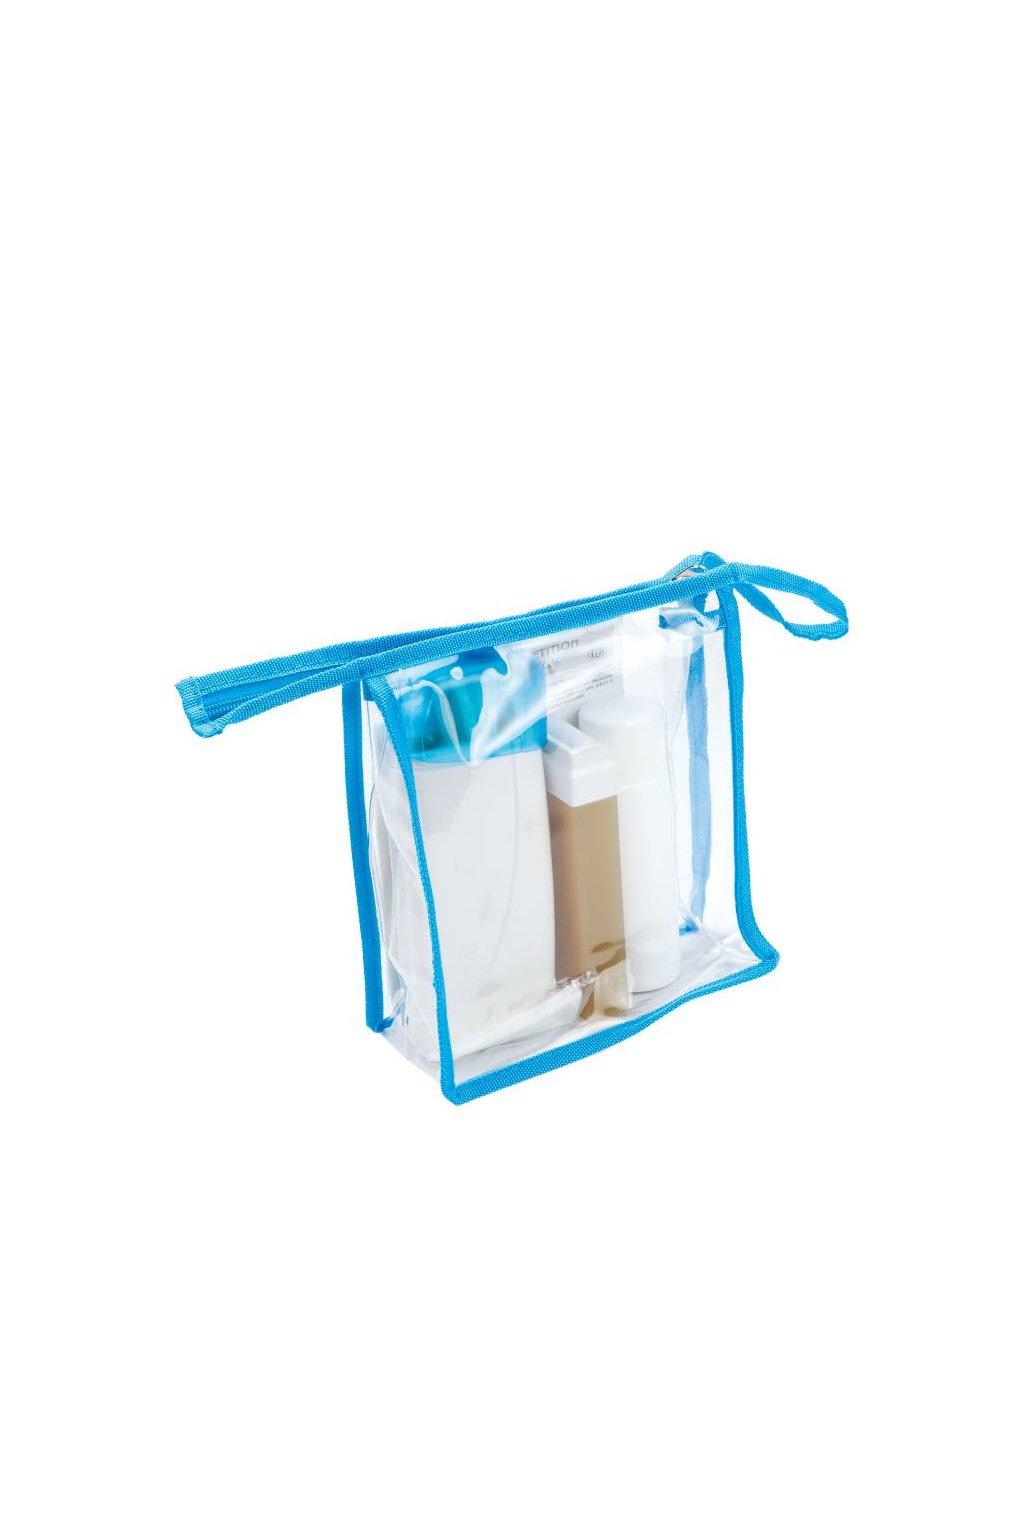 Epilační SET v taštičce na zip, ohřívač, vosk 100ml, olej po epilaci 125ml, papírky 10ks